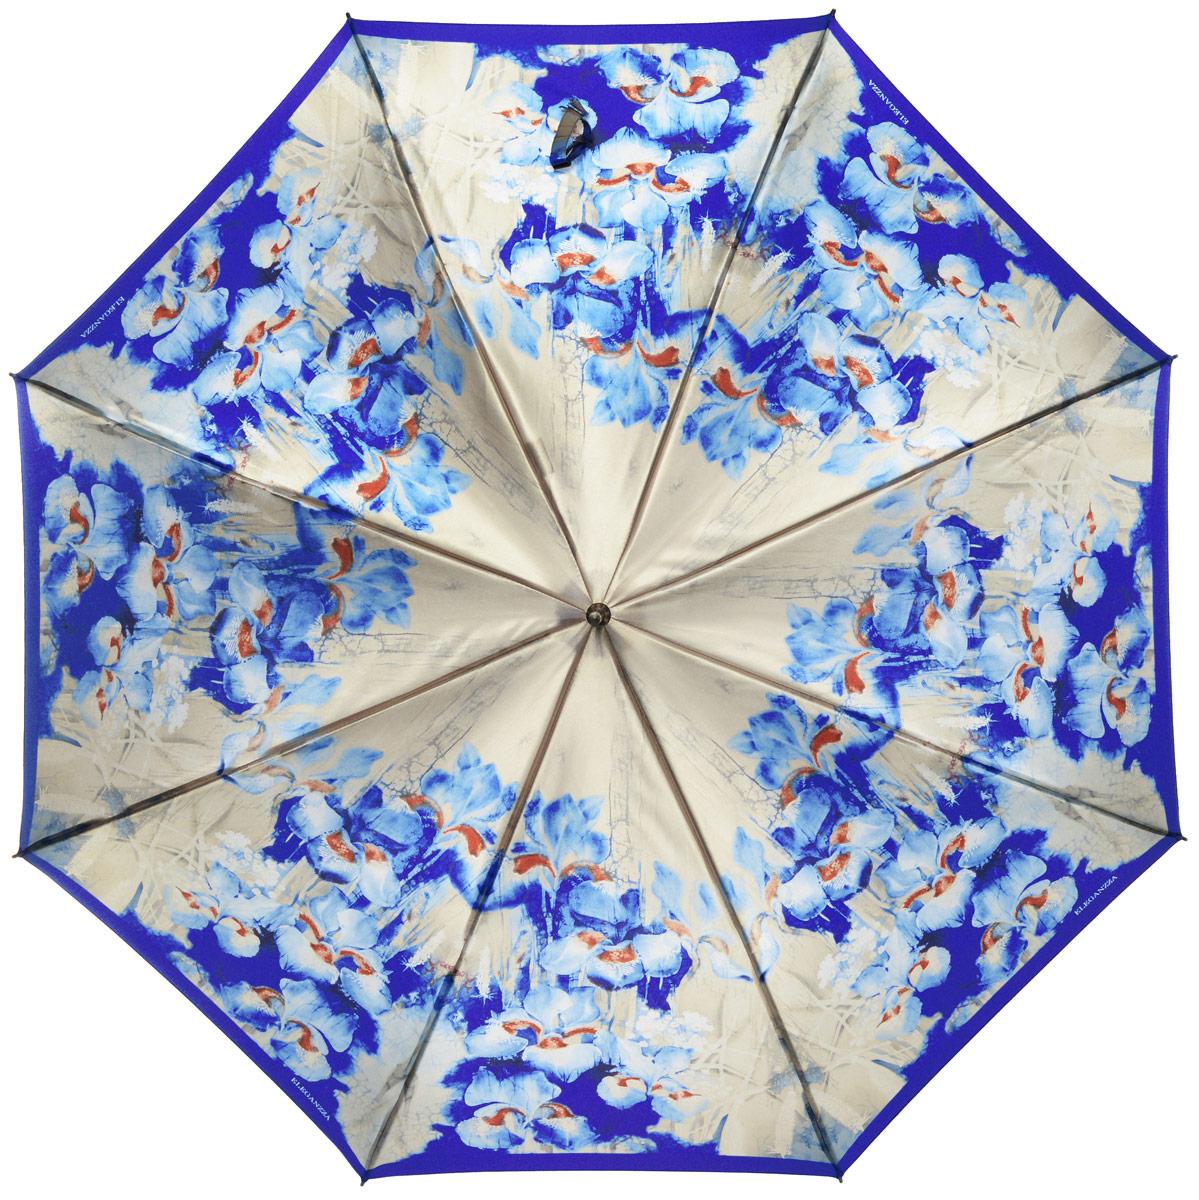 Зонт-трость женский Eleganzza, полуавтомат, 3 сложения, цвет: синий, бежевый. T-06-0303T-06-0303Элегантный женский зонт-трость Eleganzza не оставит вас незамеченной. Изделие оформлено оригинальным принтом в виде цветов. Зонт состоит из восьми спиц и стержня, изготовленных из стали и фибергласса. Купол выполнен из качественного полиэстера и сатина, которые не пропускают воду. Зонт дополнен удобной ручкой из акрила, которая имеет форму крючка. Также зонт имеет заостренный наконечник, который устраняет попадание воды на стержень и уберегает зонт от повреждений. Изделие имеет полуавтоматический механизм сложения: купол открывается нажатием кнопки на ручке, а складывается вручную до характерного щелчка. Оригинальный и практичный аксессуар даже в ненастную погоду позволит вам оставаться женственной и привлекательной.